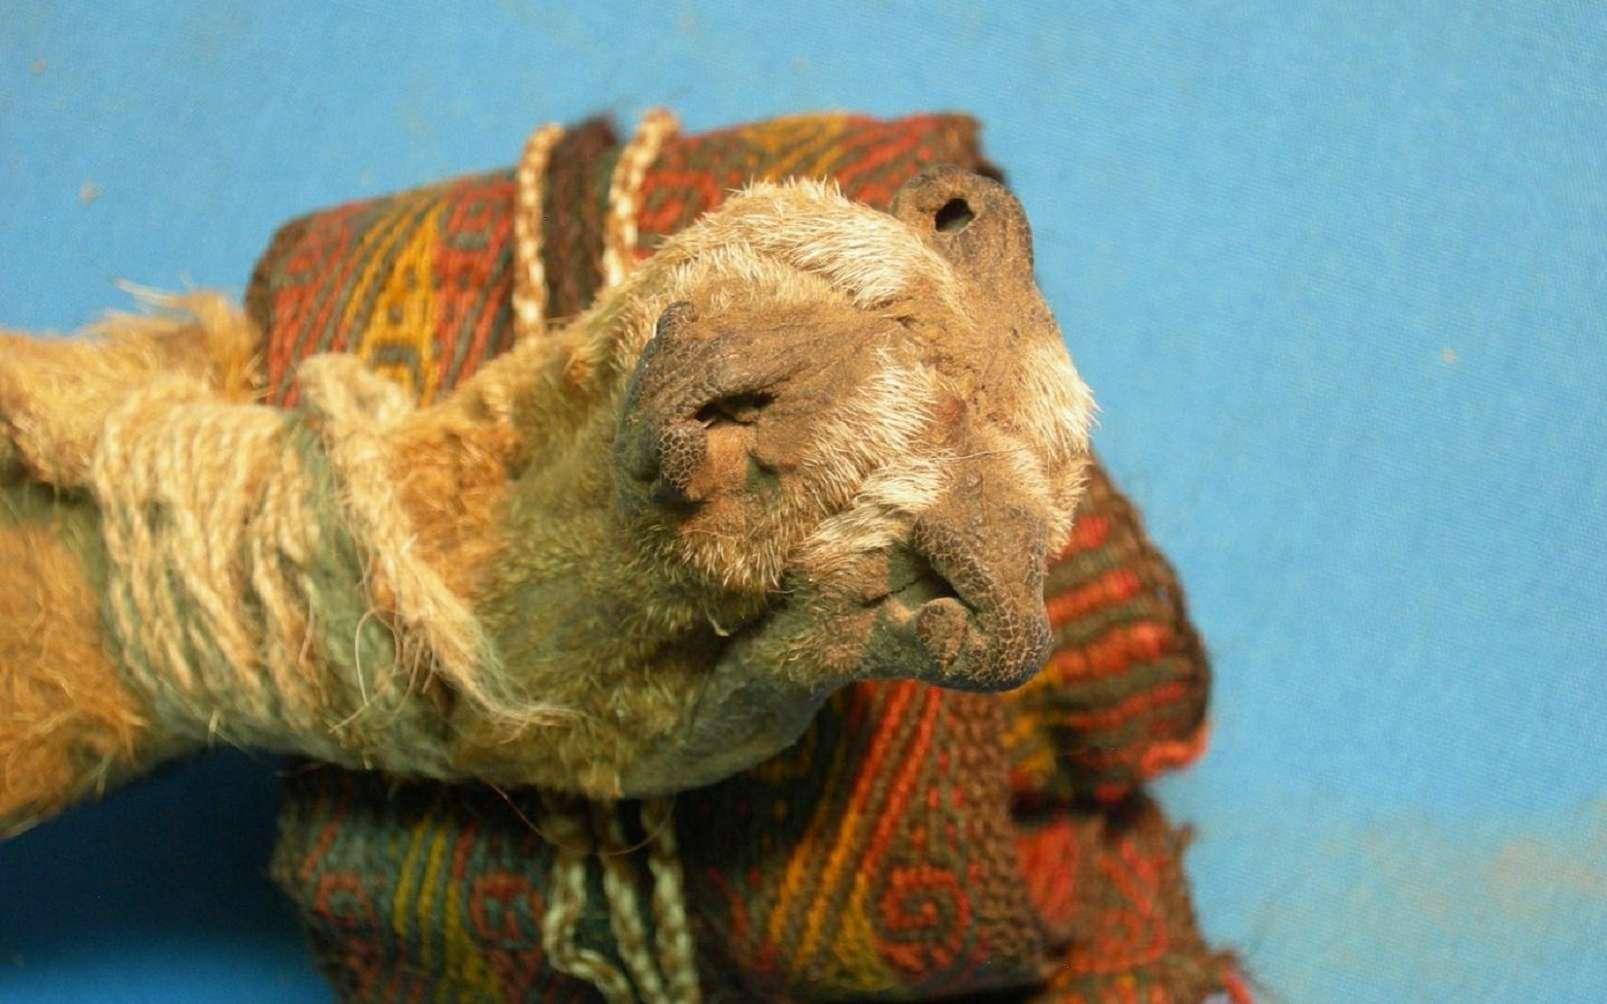 Des chercheurs ont trouvé dans les Andes un sac en cuir vieux de 1.000 ans. © Jose Capriles, Penn State